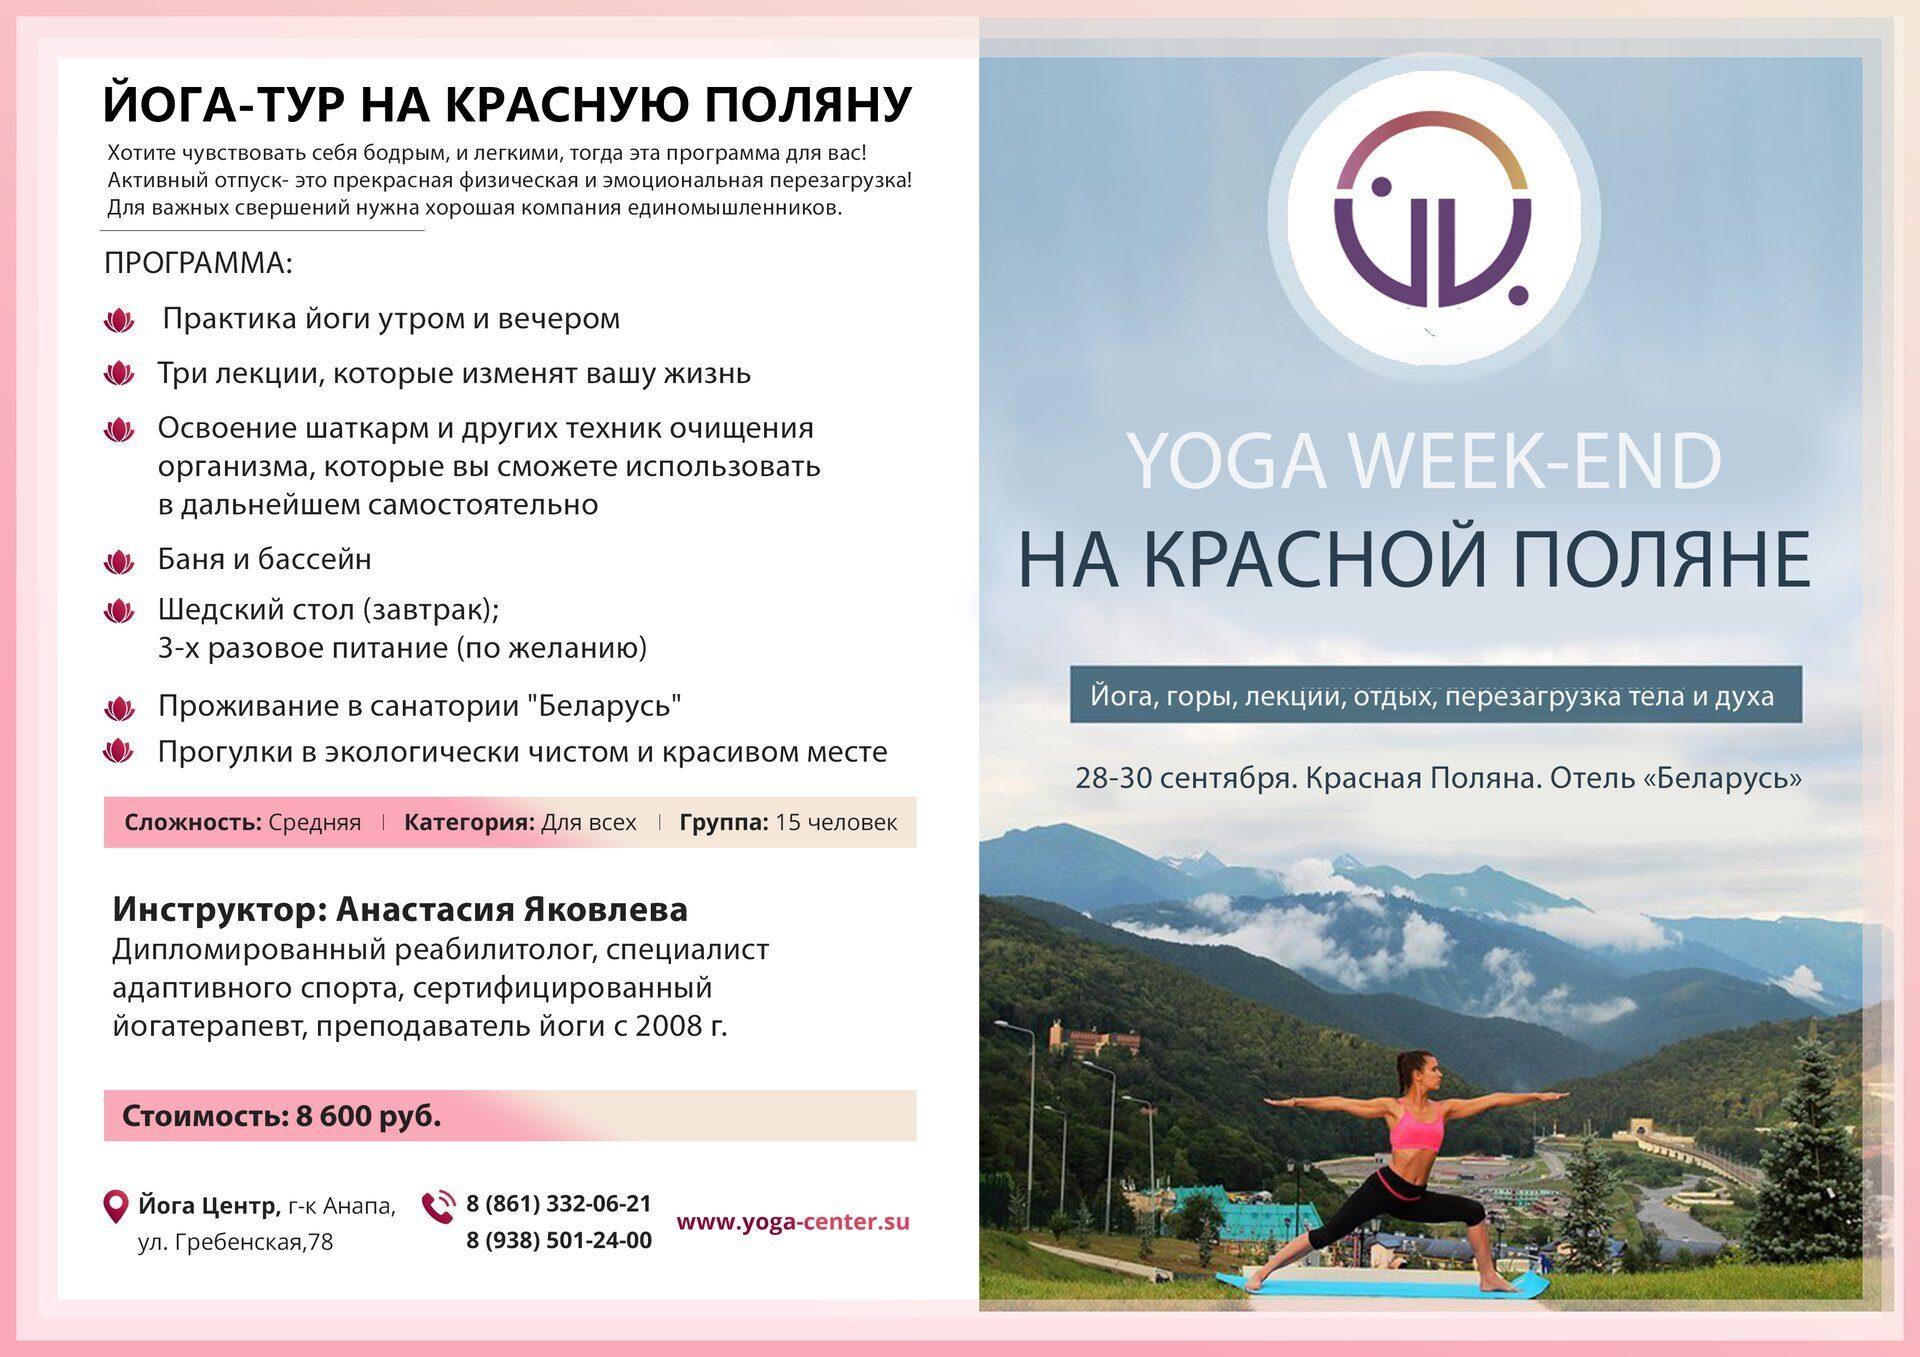 Йога в городе новосибирске